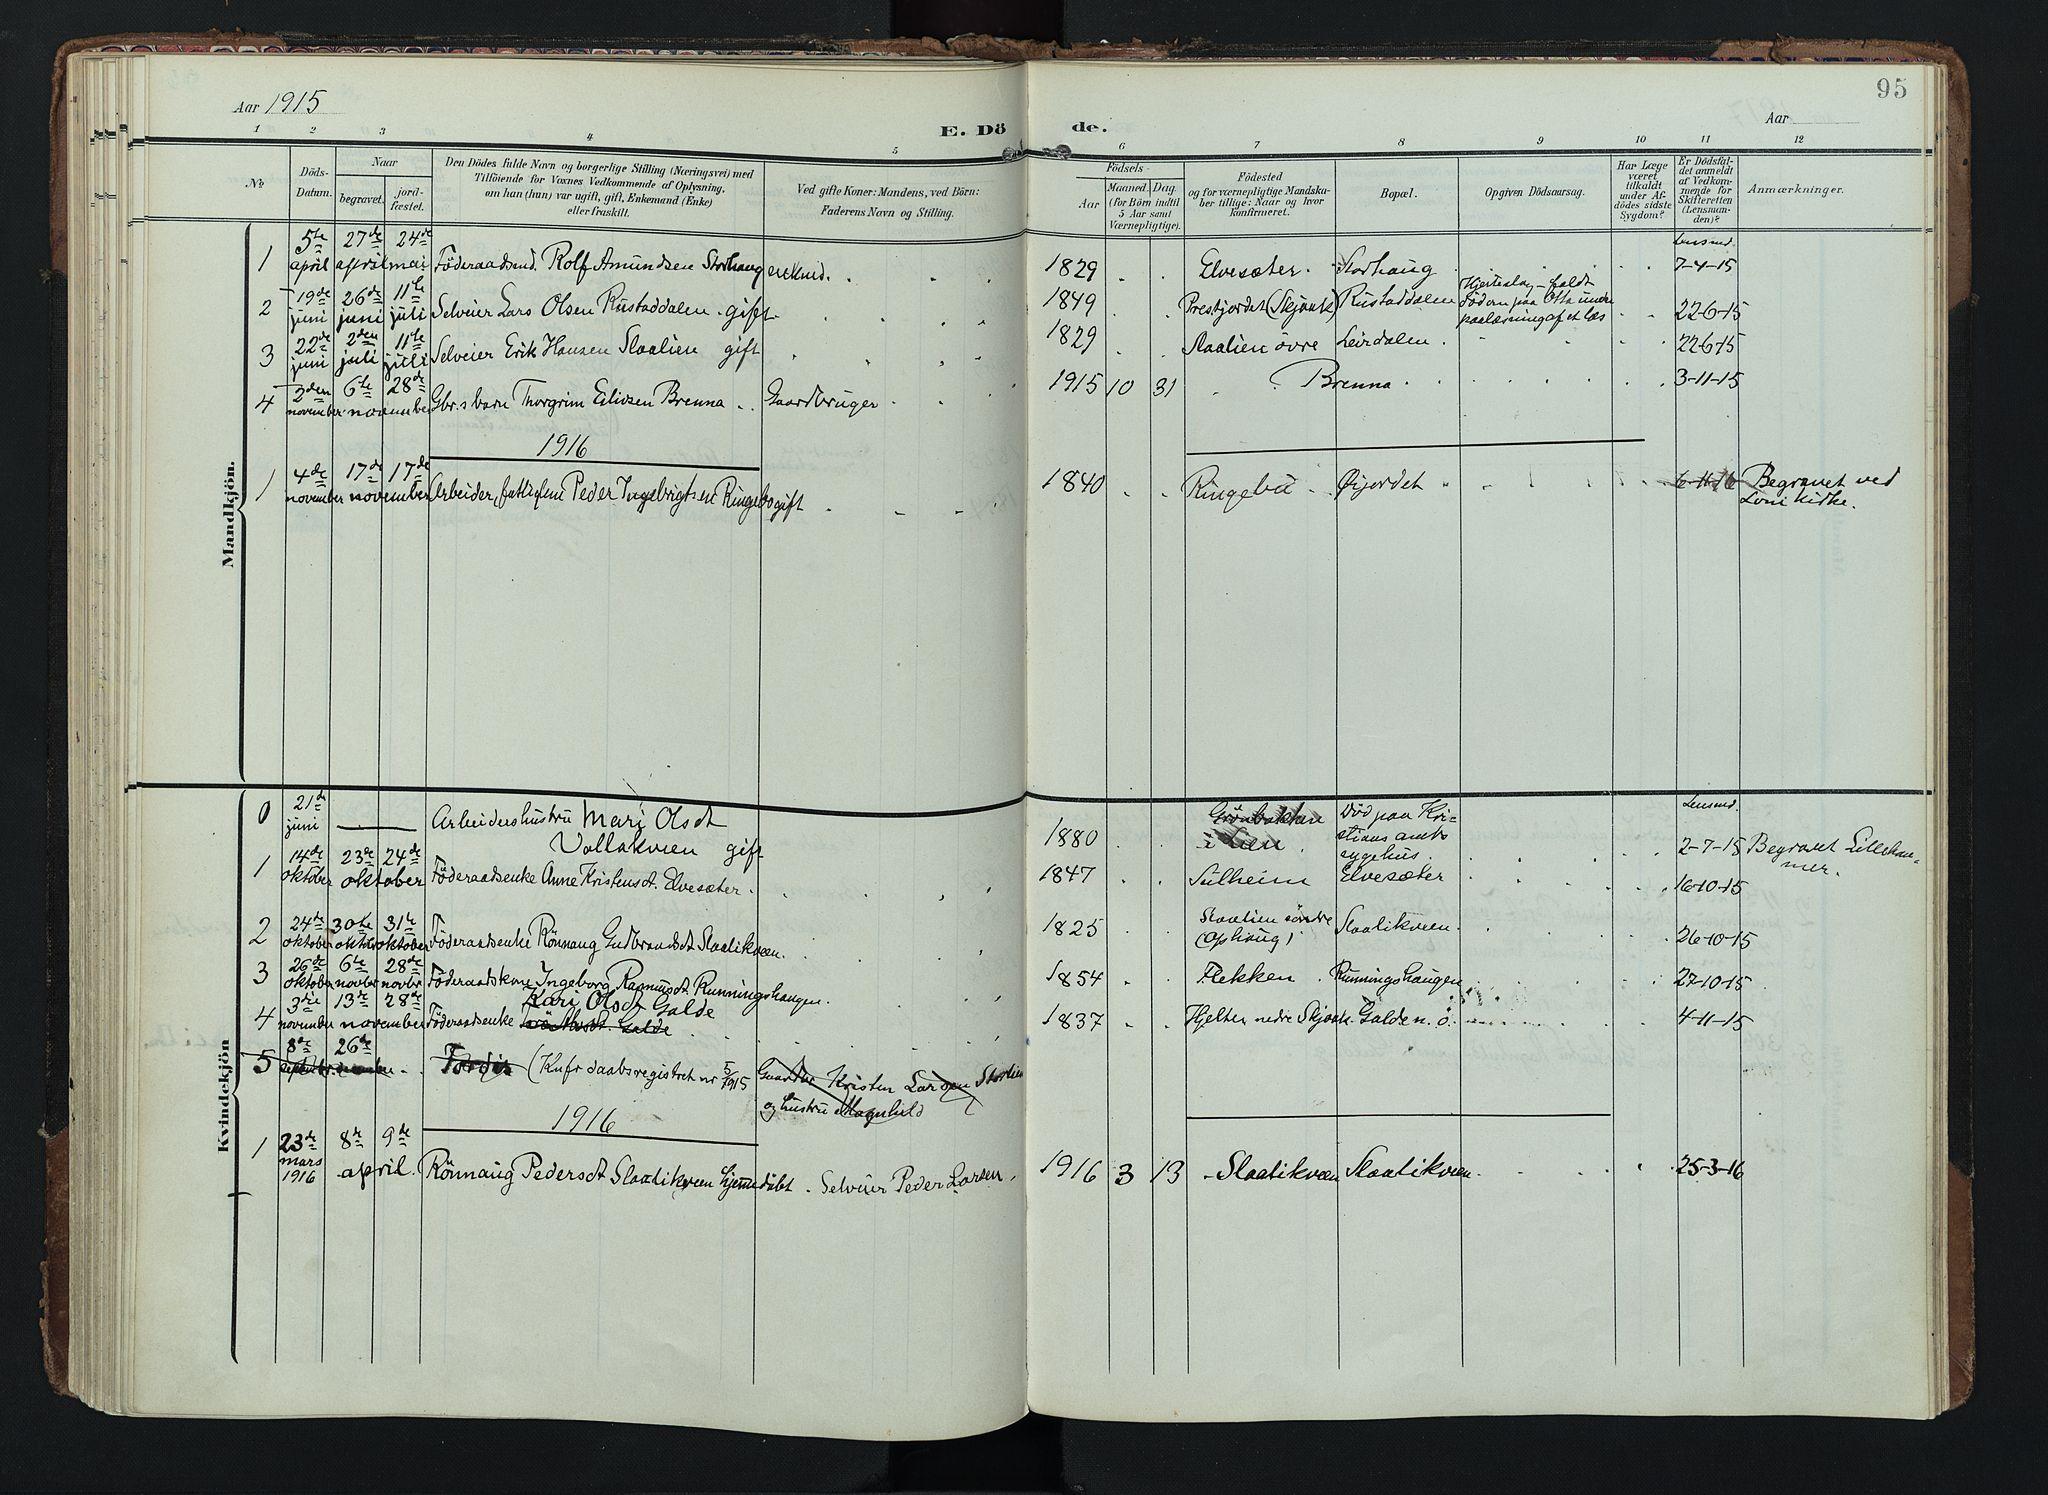 SAH, Lom prestekontor, K/L0012: Ministerialbok nr. 12, 1904-1928, s. 95